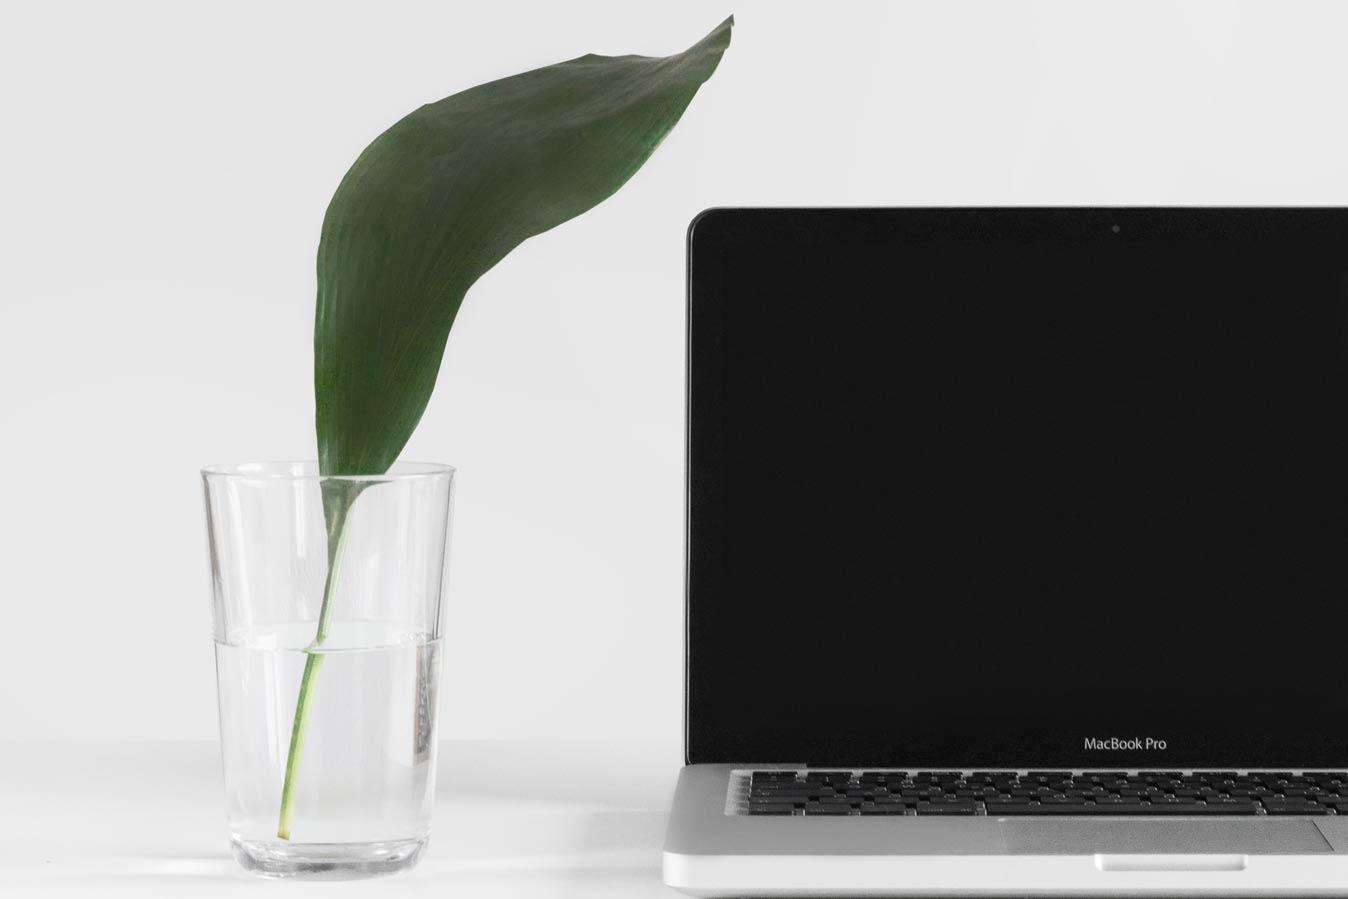 Экологичность почти половины «зеленых» товаров в онлайн-торговле не доказана – итоги проверки Евросоюзом сайтов на «гринвошинг»